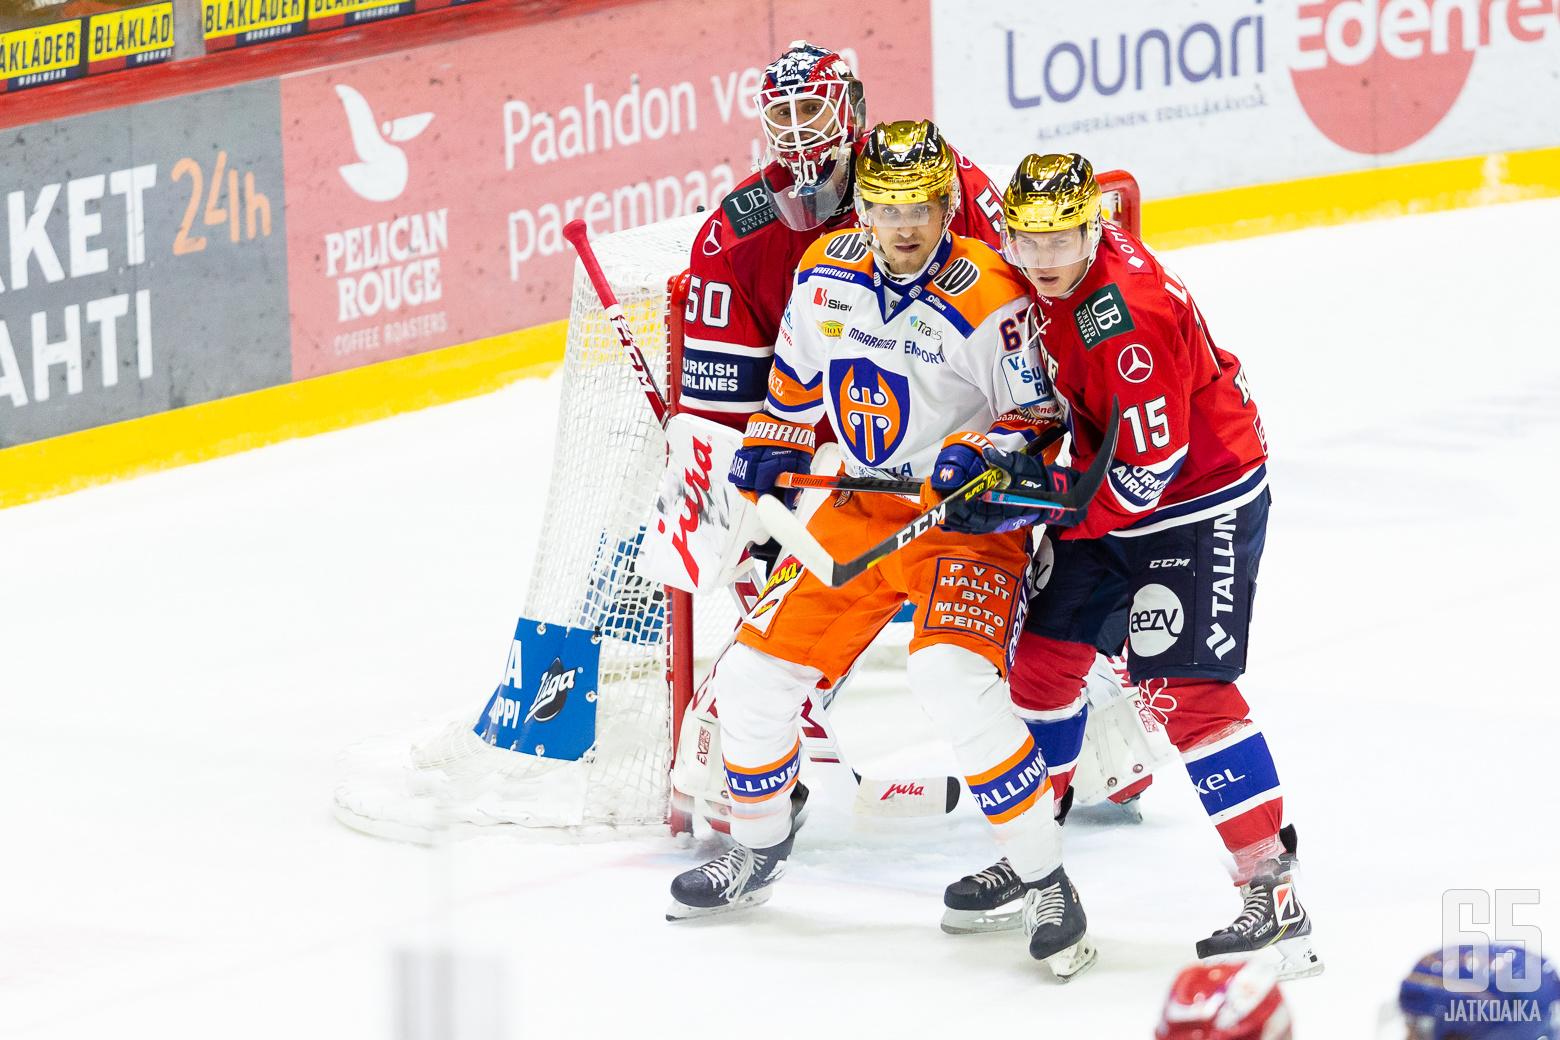 Anton Lundell, HIFK ja Jiří Smejkal, Tappara ottelussa HIFK - Tappara, 20/11/2020, Helsingin jäähalli, Helsinki, Suomi. Photo: Joonas Kämäräinen